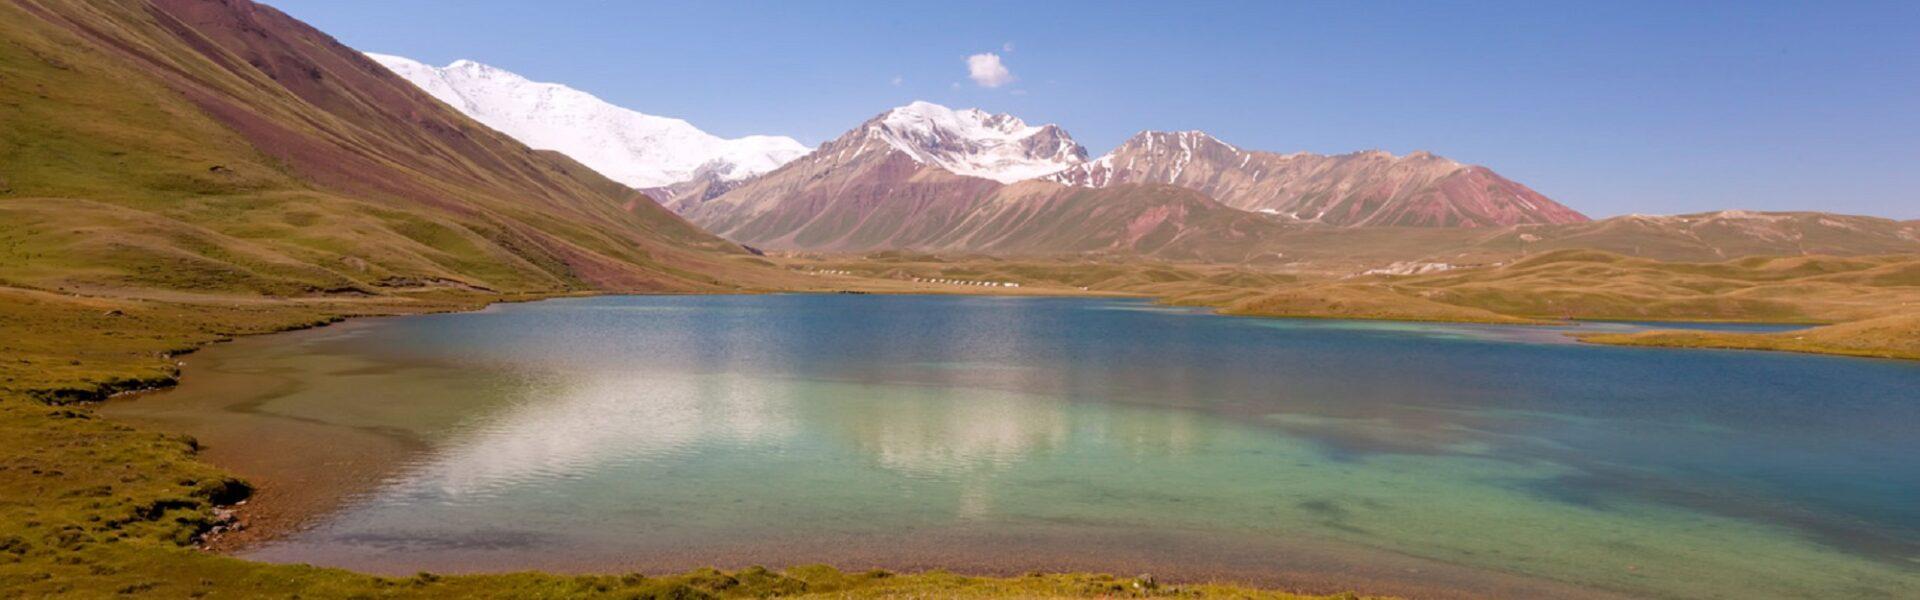 Randonnées thermales dans les montagnes du Kirghizistan - Lac Tolpur